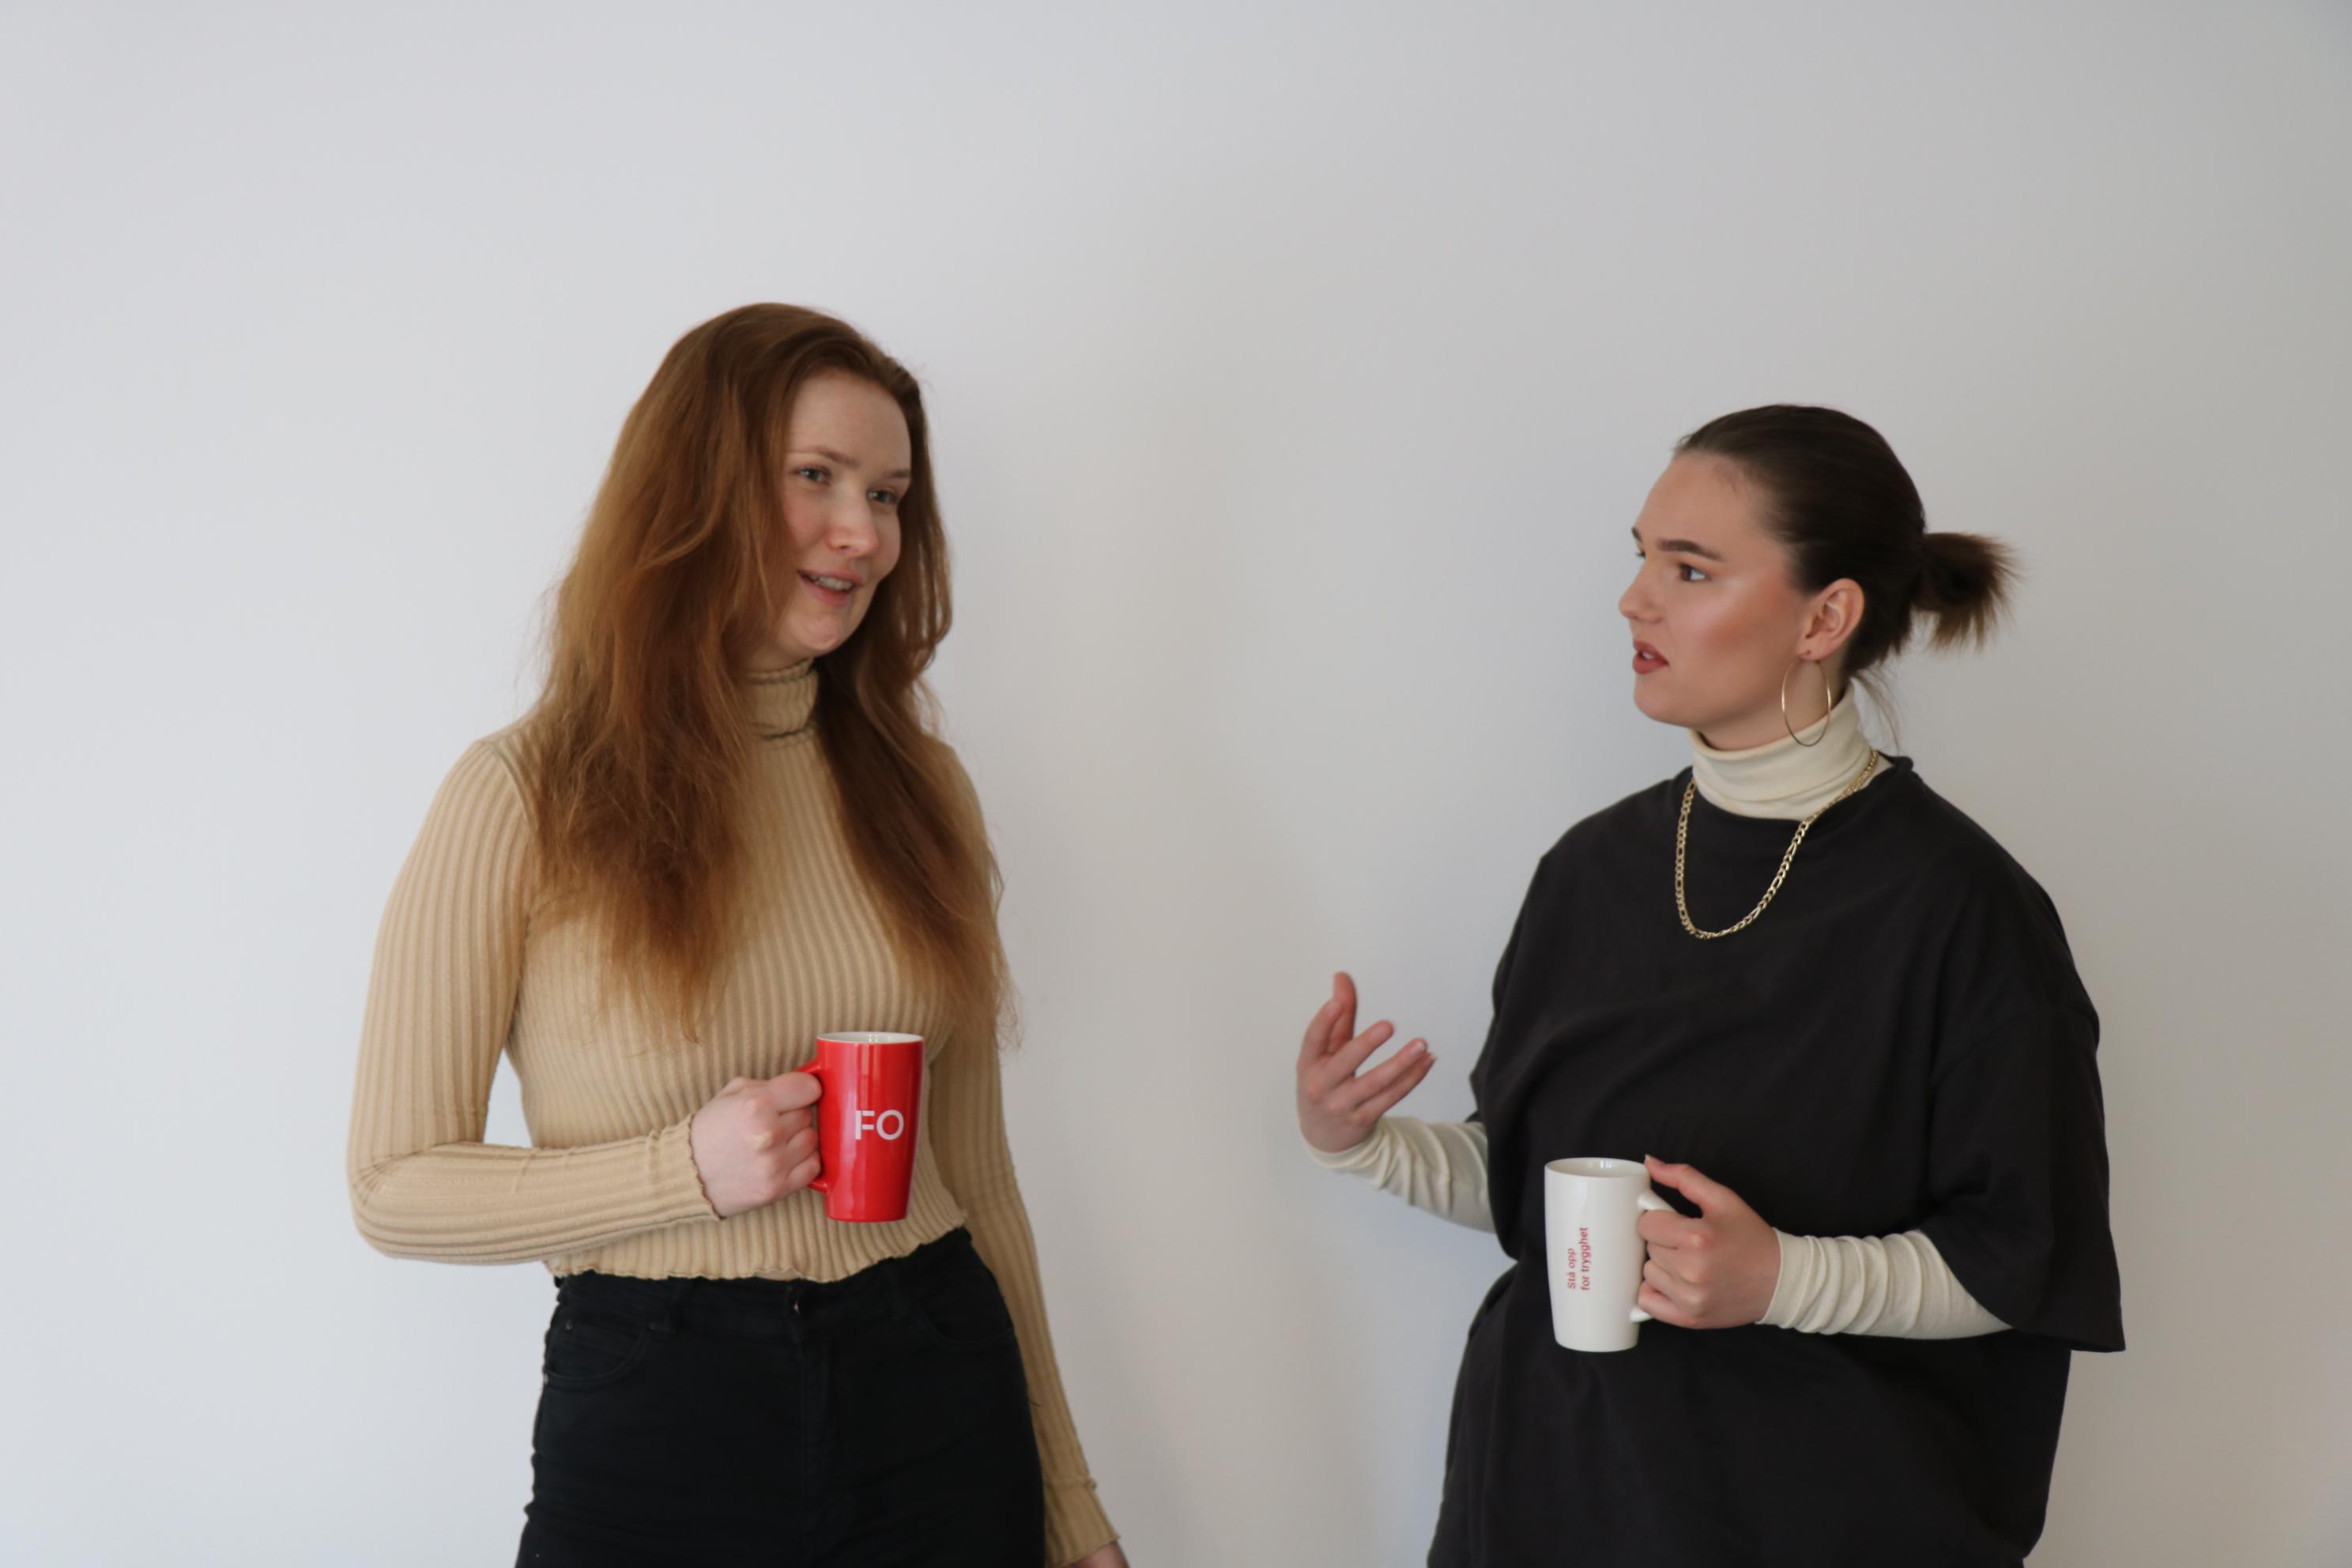 Bilde av to FO-studenter som snakker med hverandre